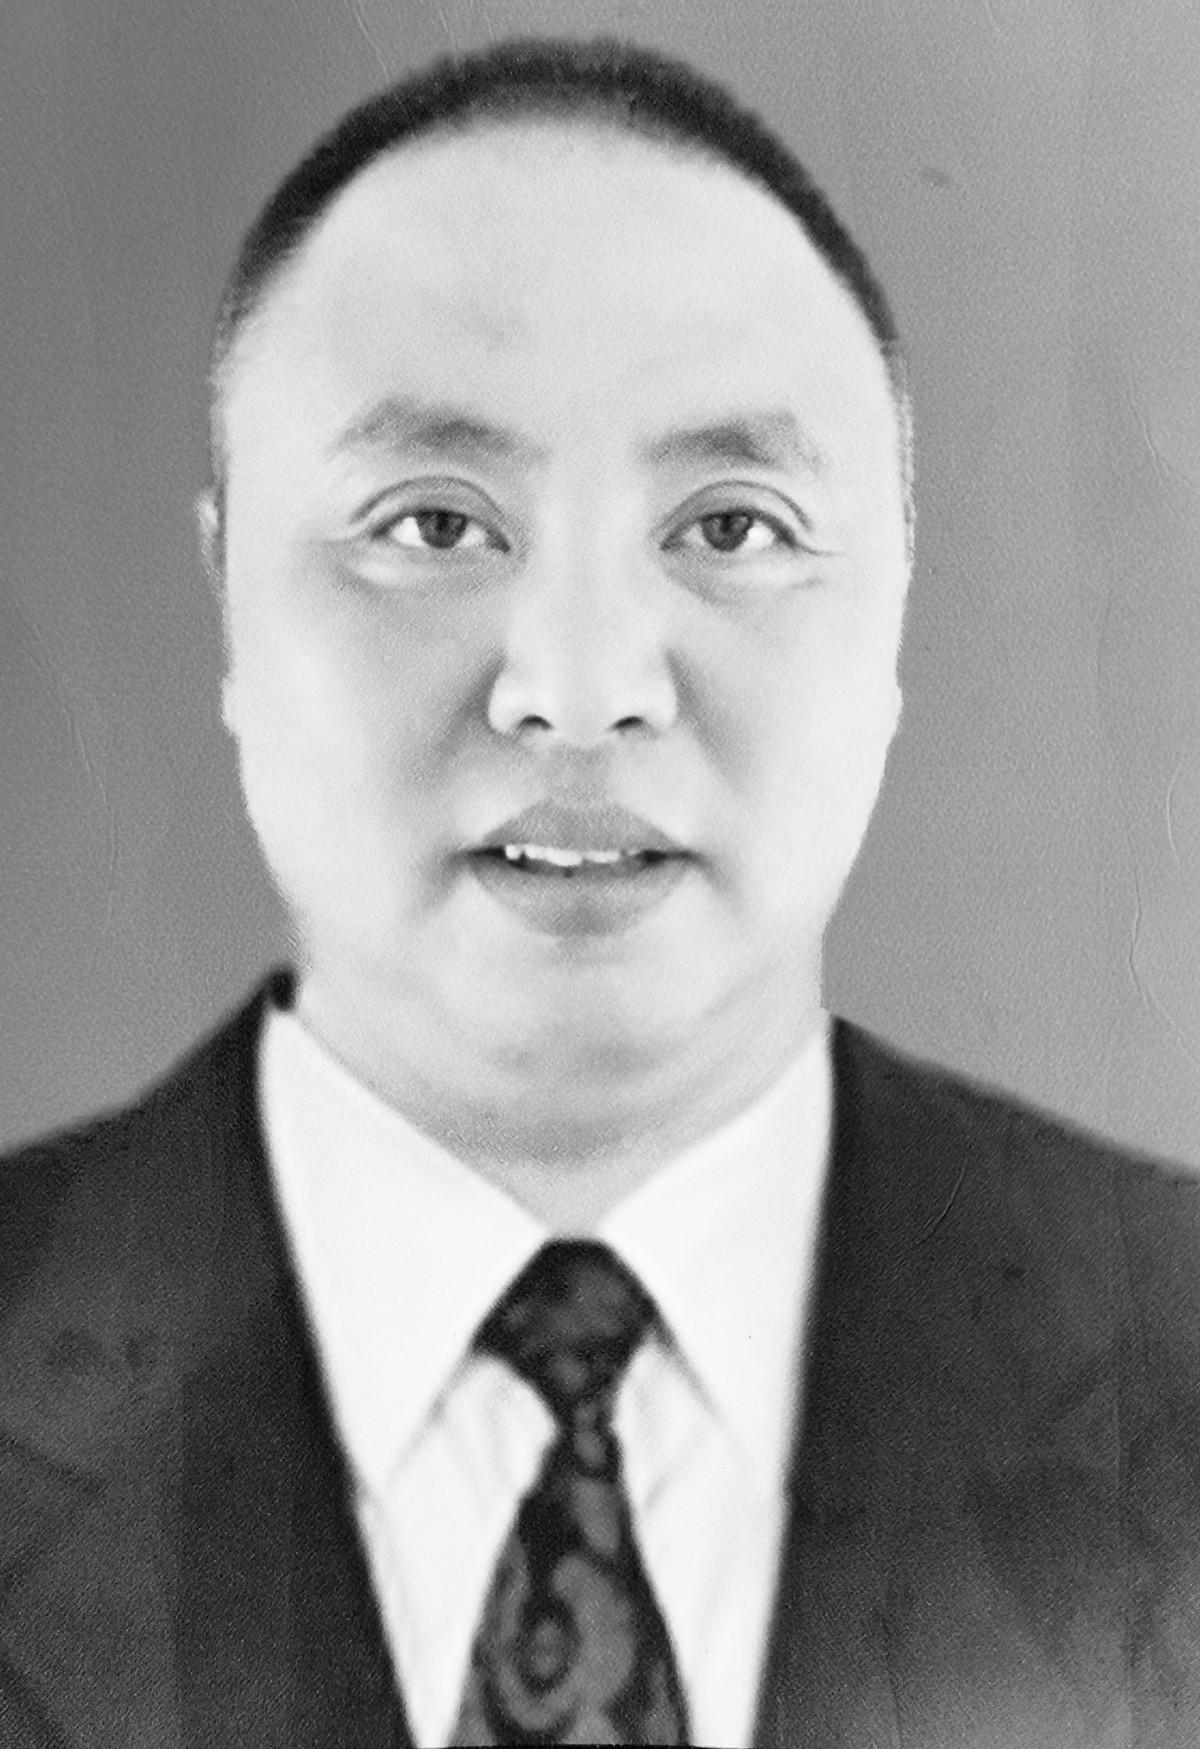 广元苍溪一社区副书记在暴雨抢险中不幸牺牲